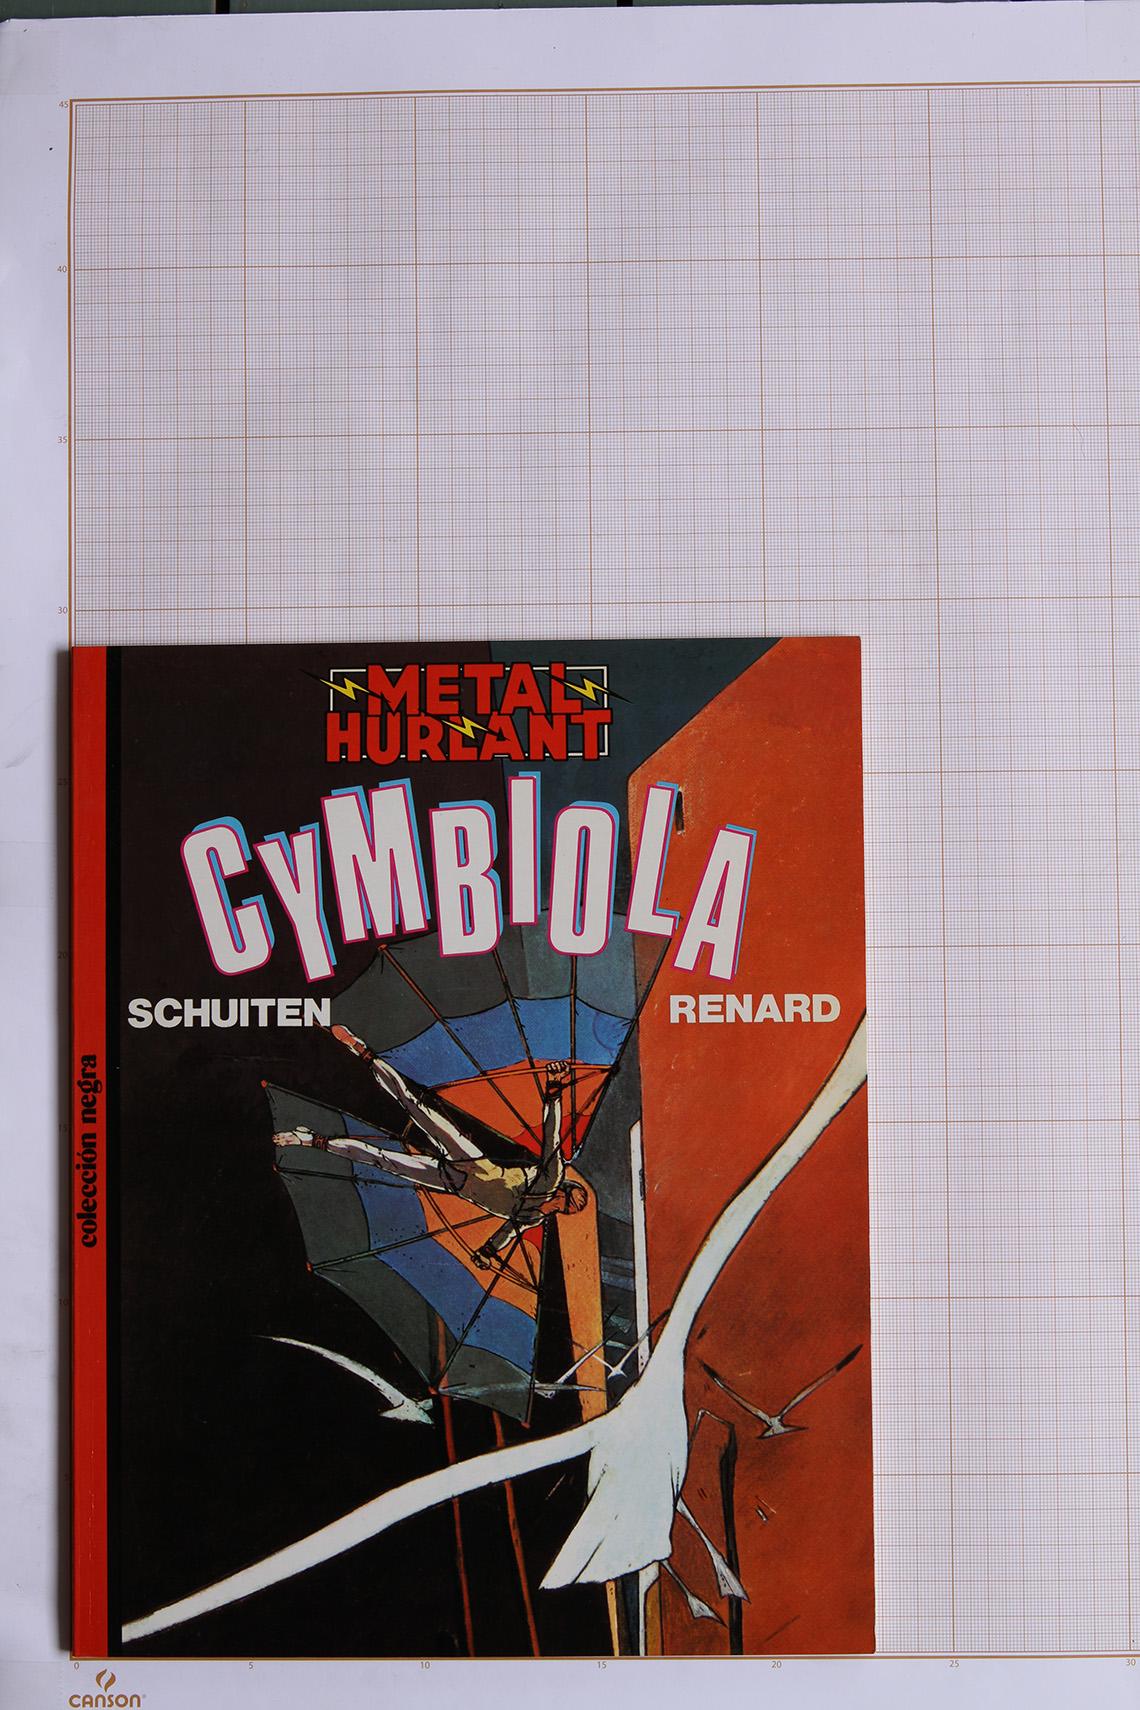 Cymbiola, F.Schuiten & C.Renard - Eurocomic© Maison Autrique, 1984